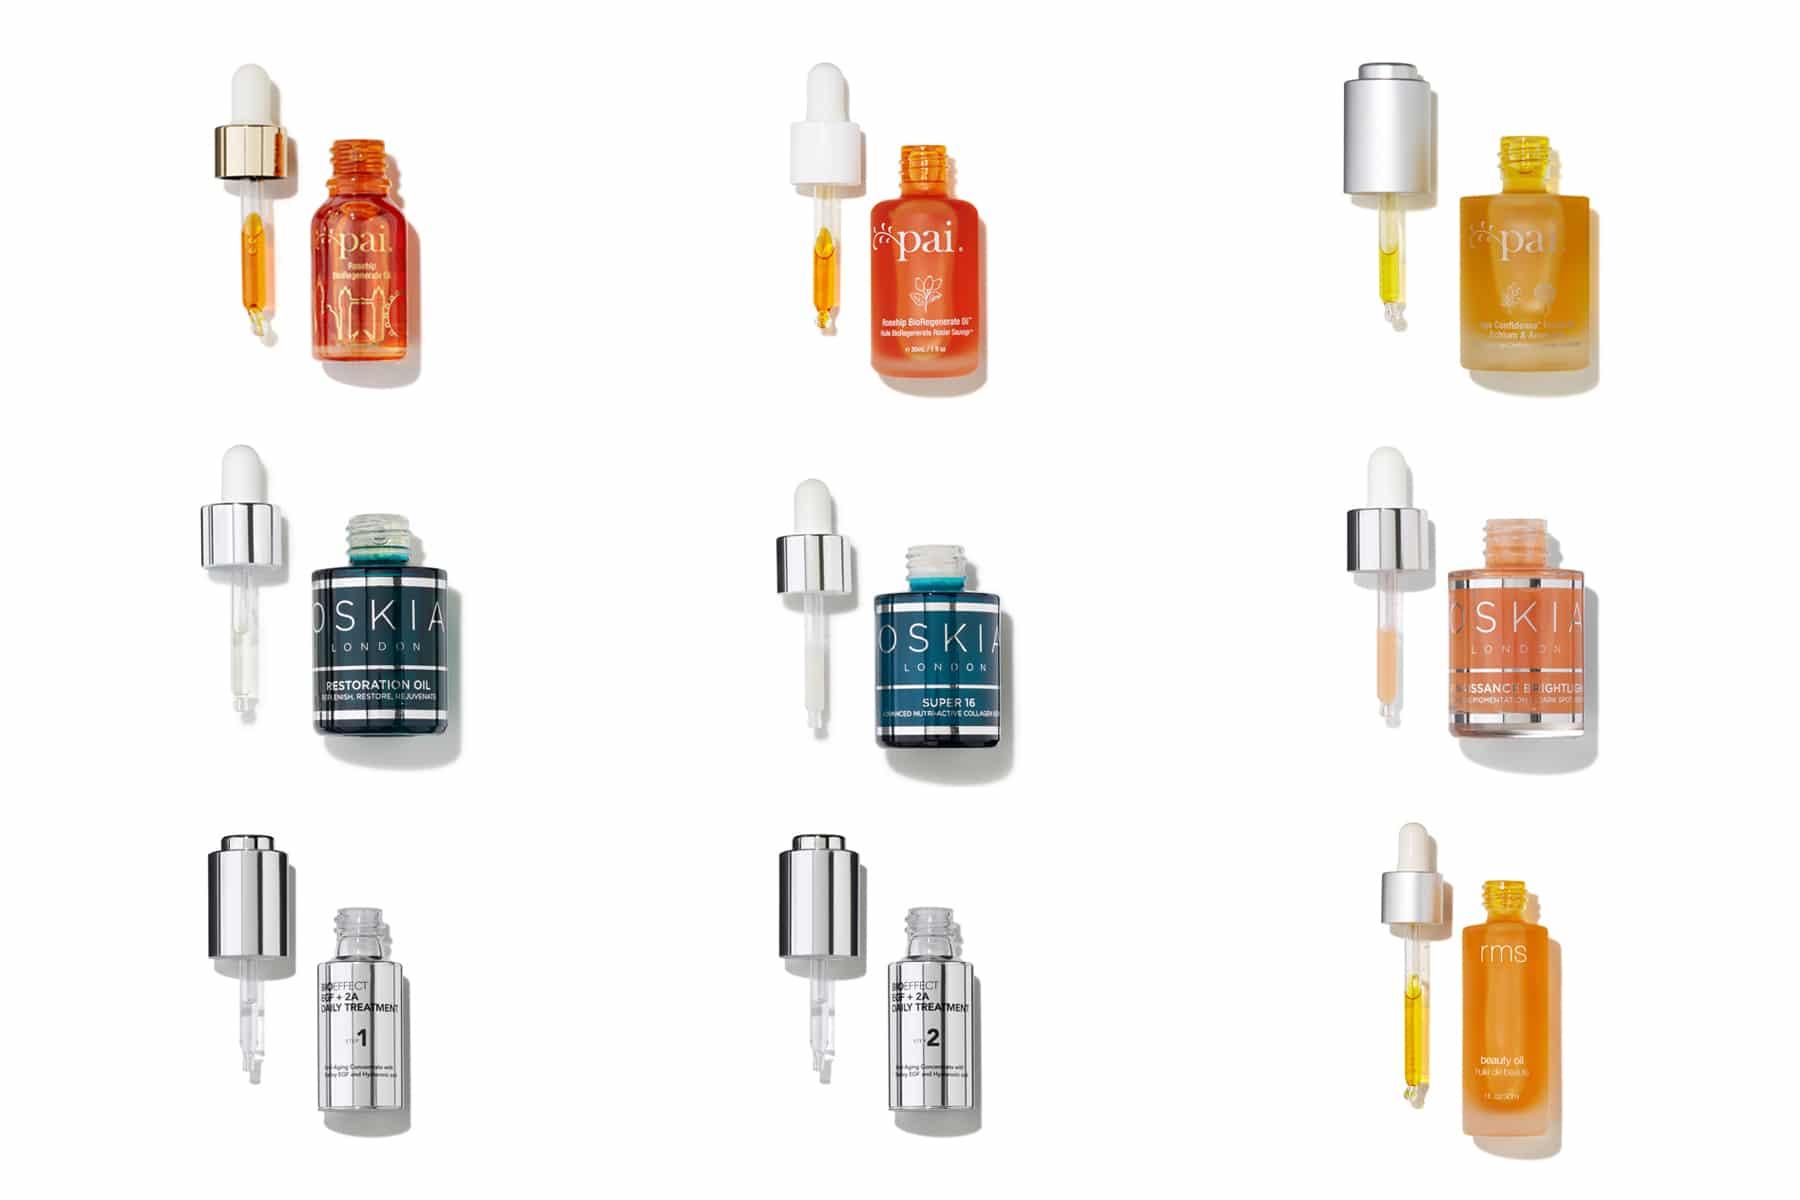 Packshot cosmétiques - Sérums, huiles régénérantes et concentrés Anti-Age - Bioeffect, Pai, Oskia pour Oh My Cream